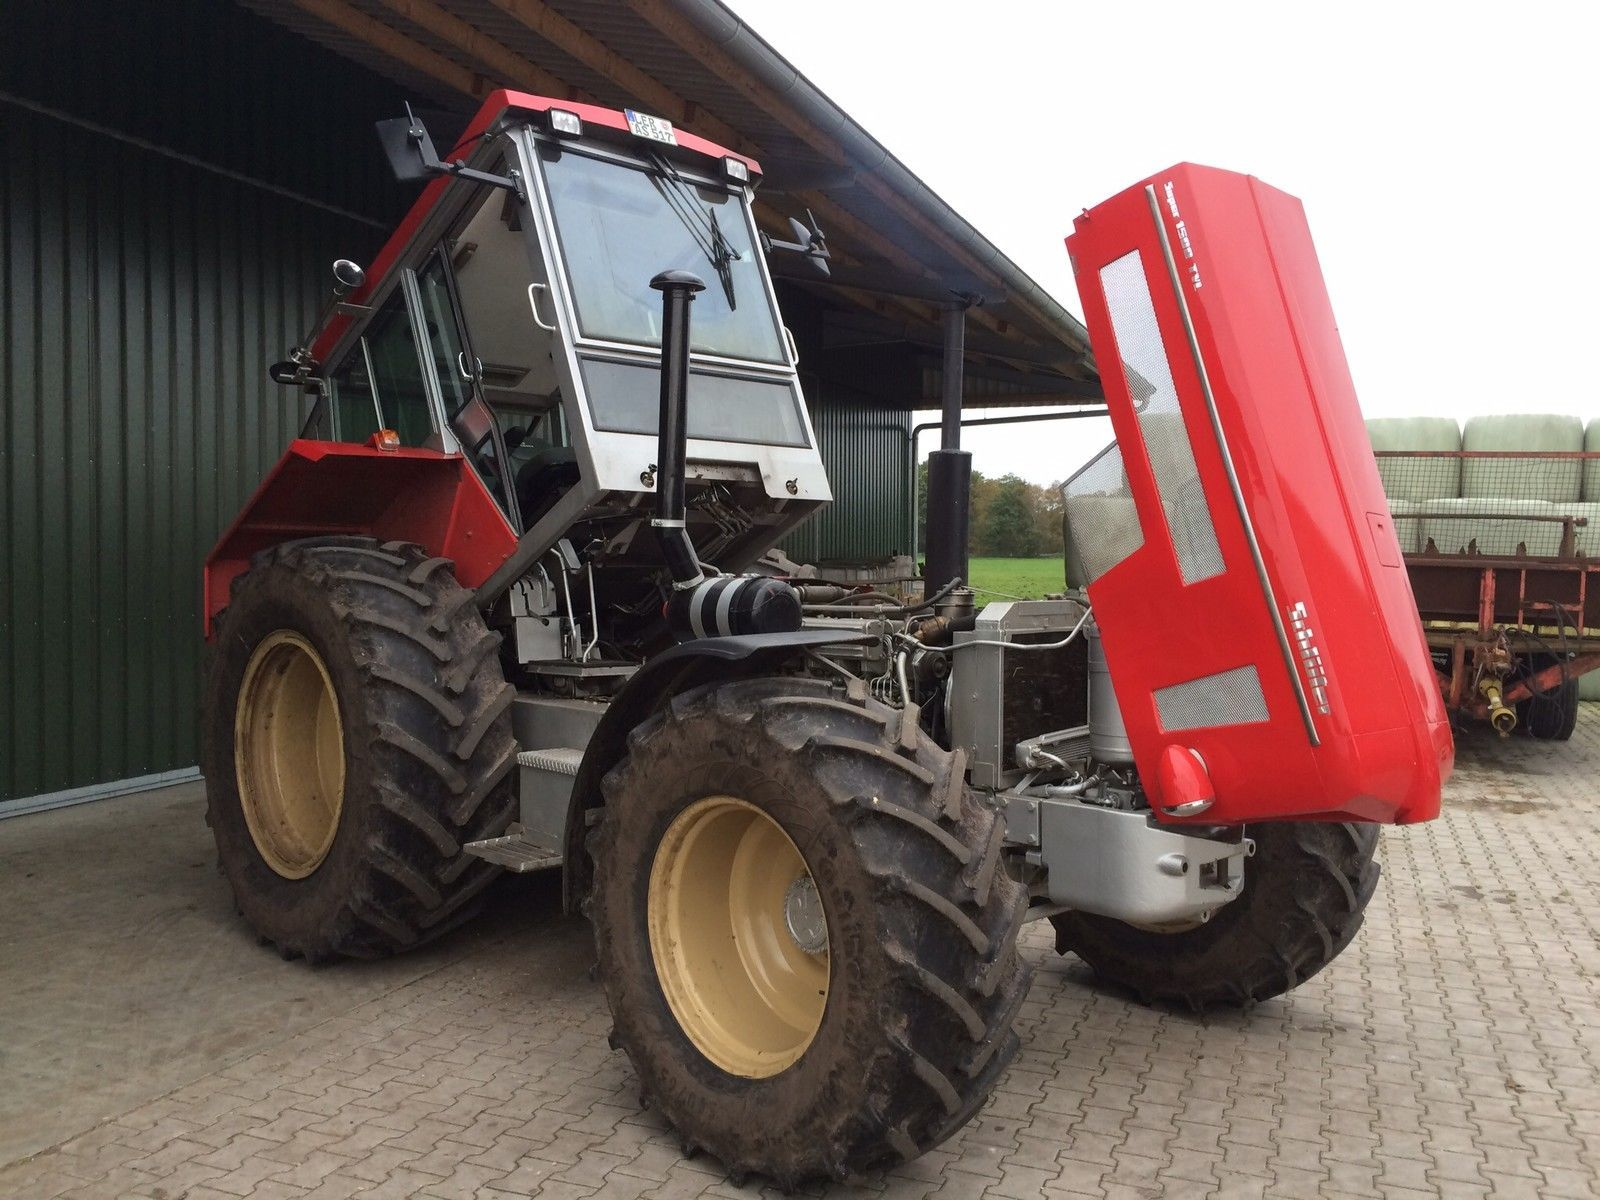 schl ter super 1500 tvl schlepper traktor ebay. Black Bedroom Furniture Sets. Home Design Ideas